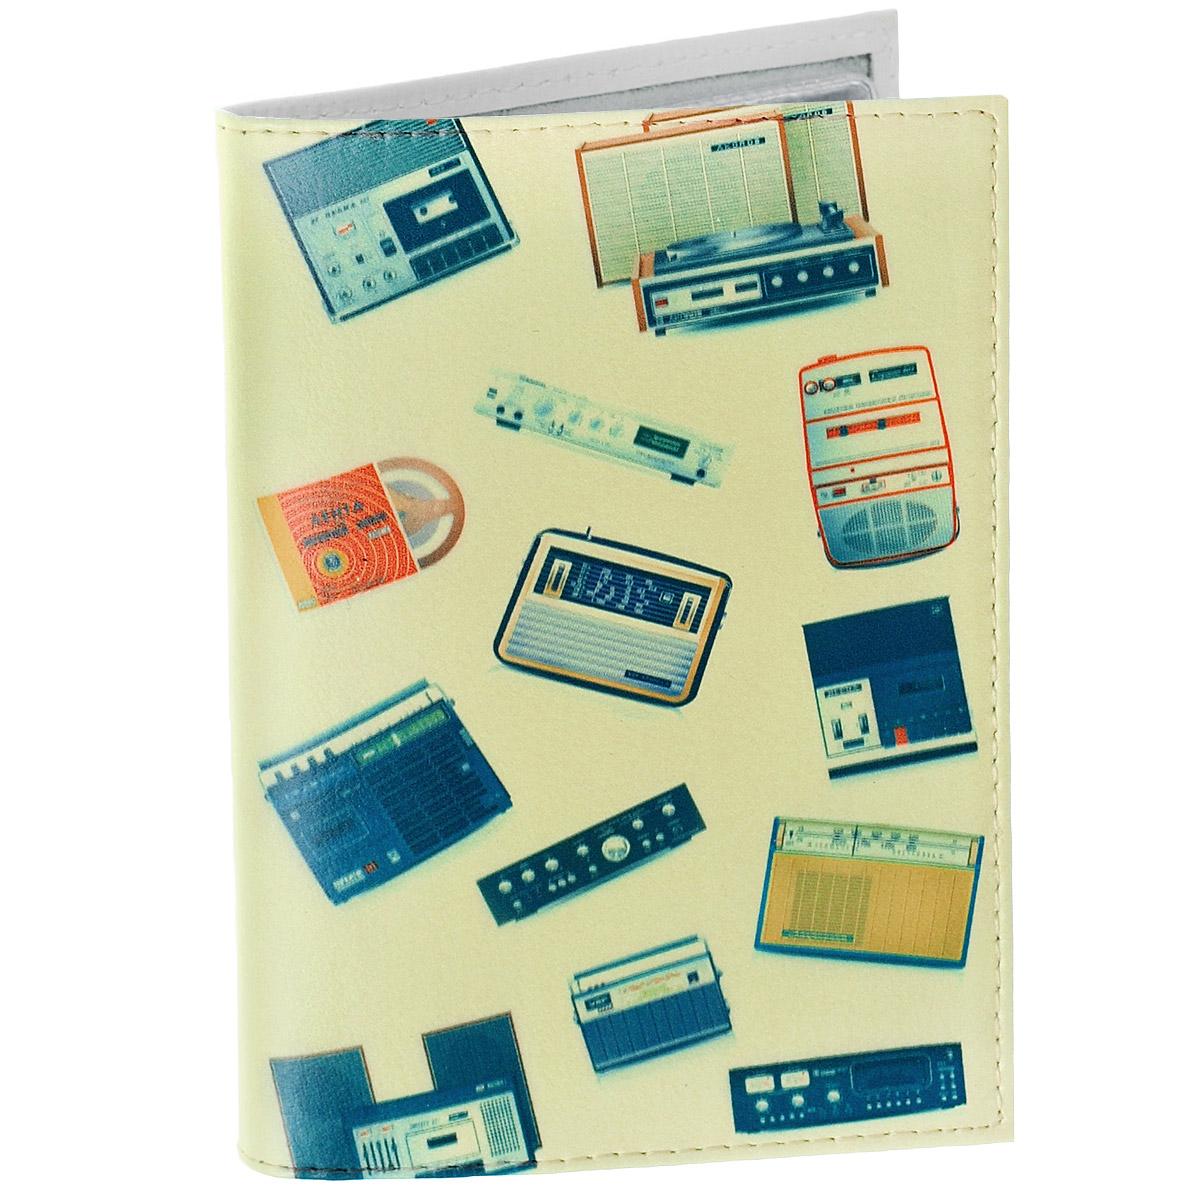 Обложка для автодокументов Радиоприемники. AUTO280731Обложка для автодокументов Mitya Veselkov Радиоприемники изготовлена из натуральной кожибежевого цвета и оформлена изображениями звуковой аппаратуры. На внутреннем развороте имеются съемный блок из шести прозрачных файлов из мягкого пластика для водительских документов, один из которых формата А5, а также два боковых кармашка для визиток или банковских карт.Стильная обложка не только поможет сохранить внешний вид ваших документов и защитит их отгрязи и пыли, но и станет аксессуаром, который подчеркнет вашу яркую индивидуальность.